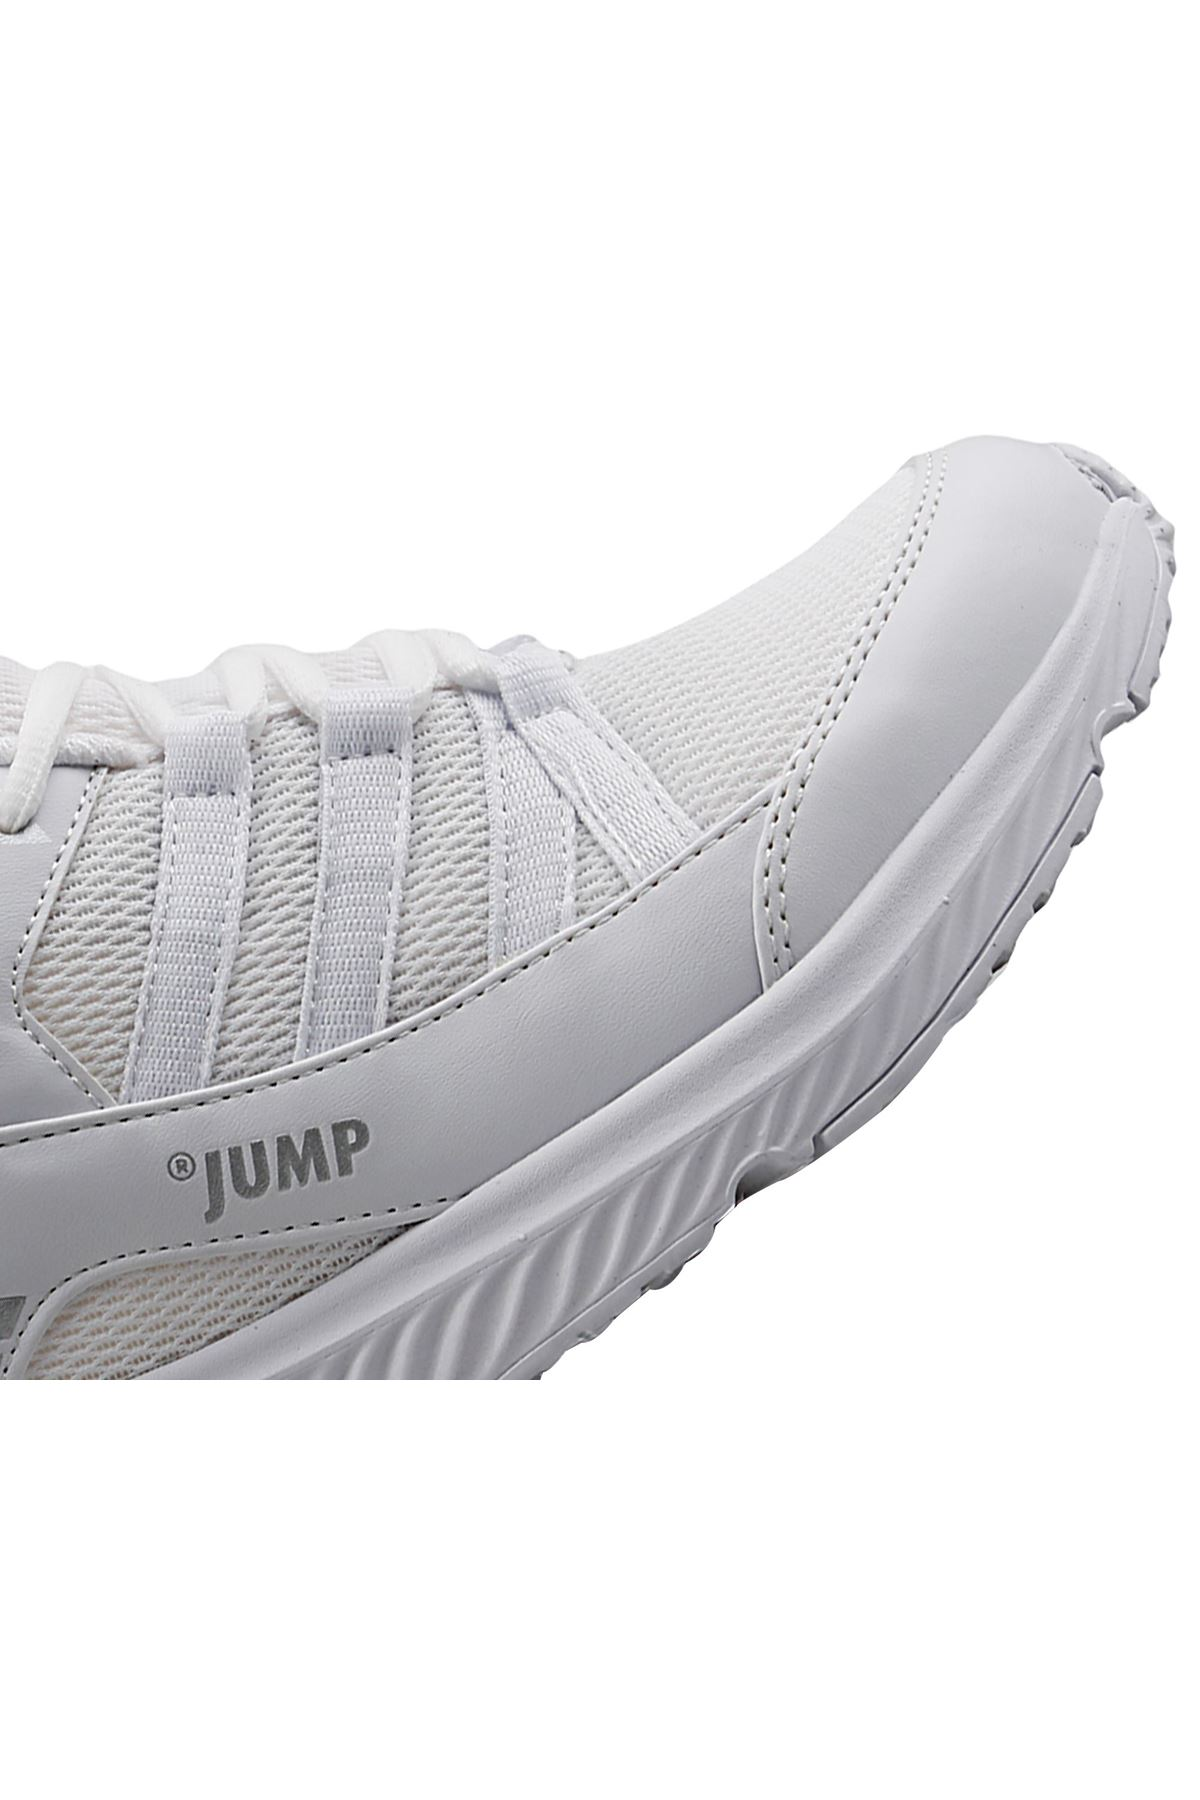 Beyaz Erkek Spor Ayakkabı Fileli Rahat 24865